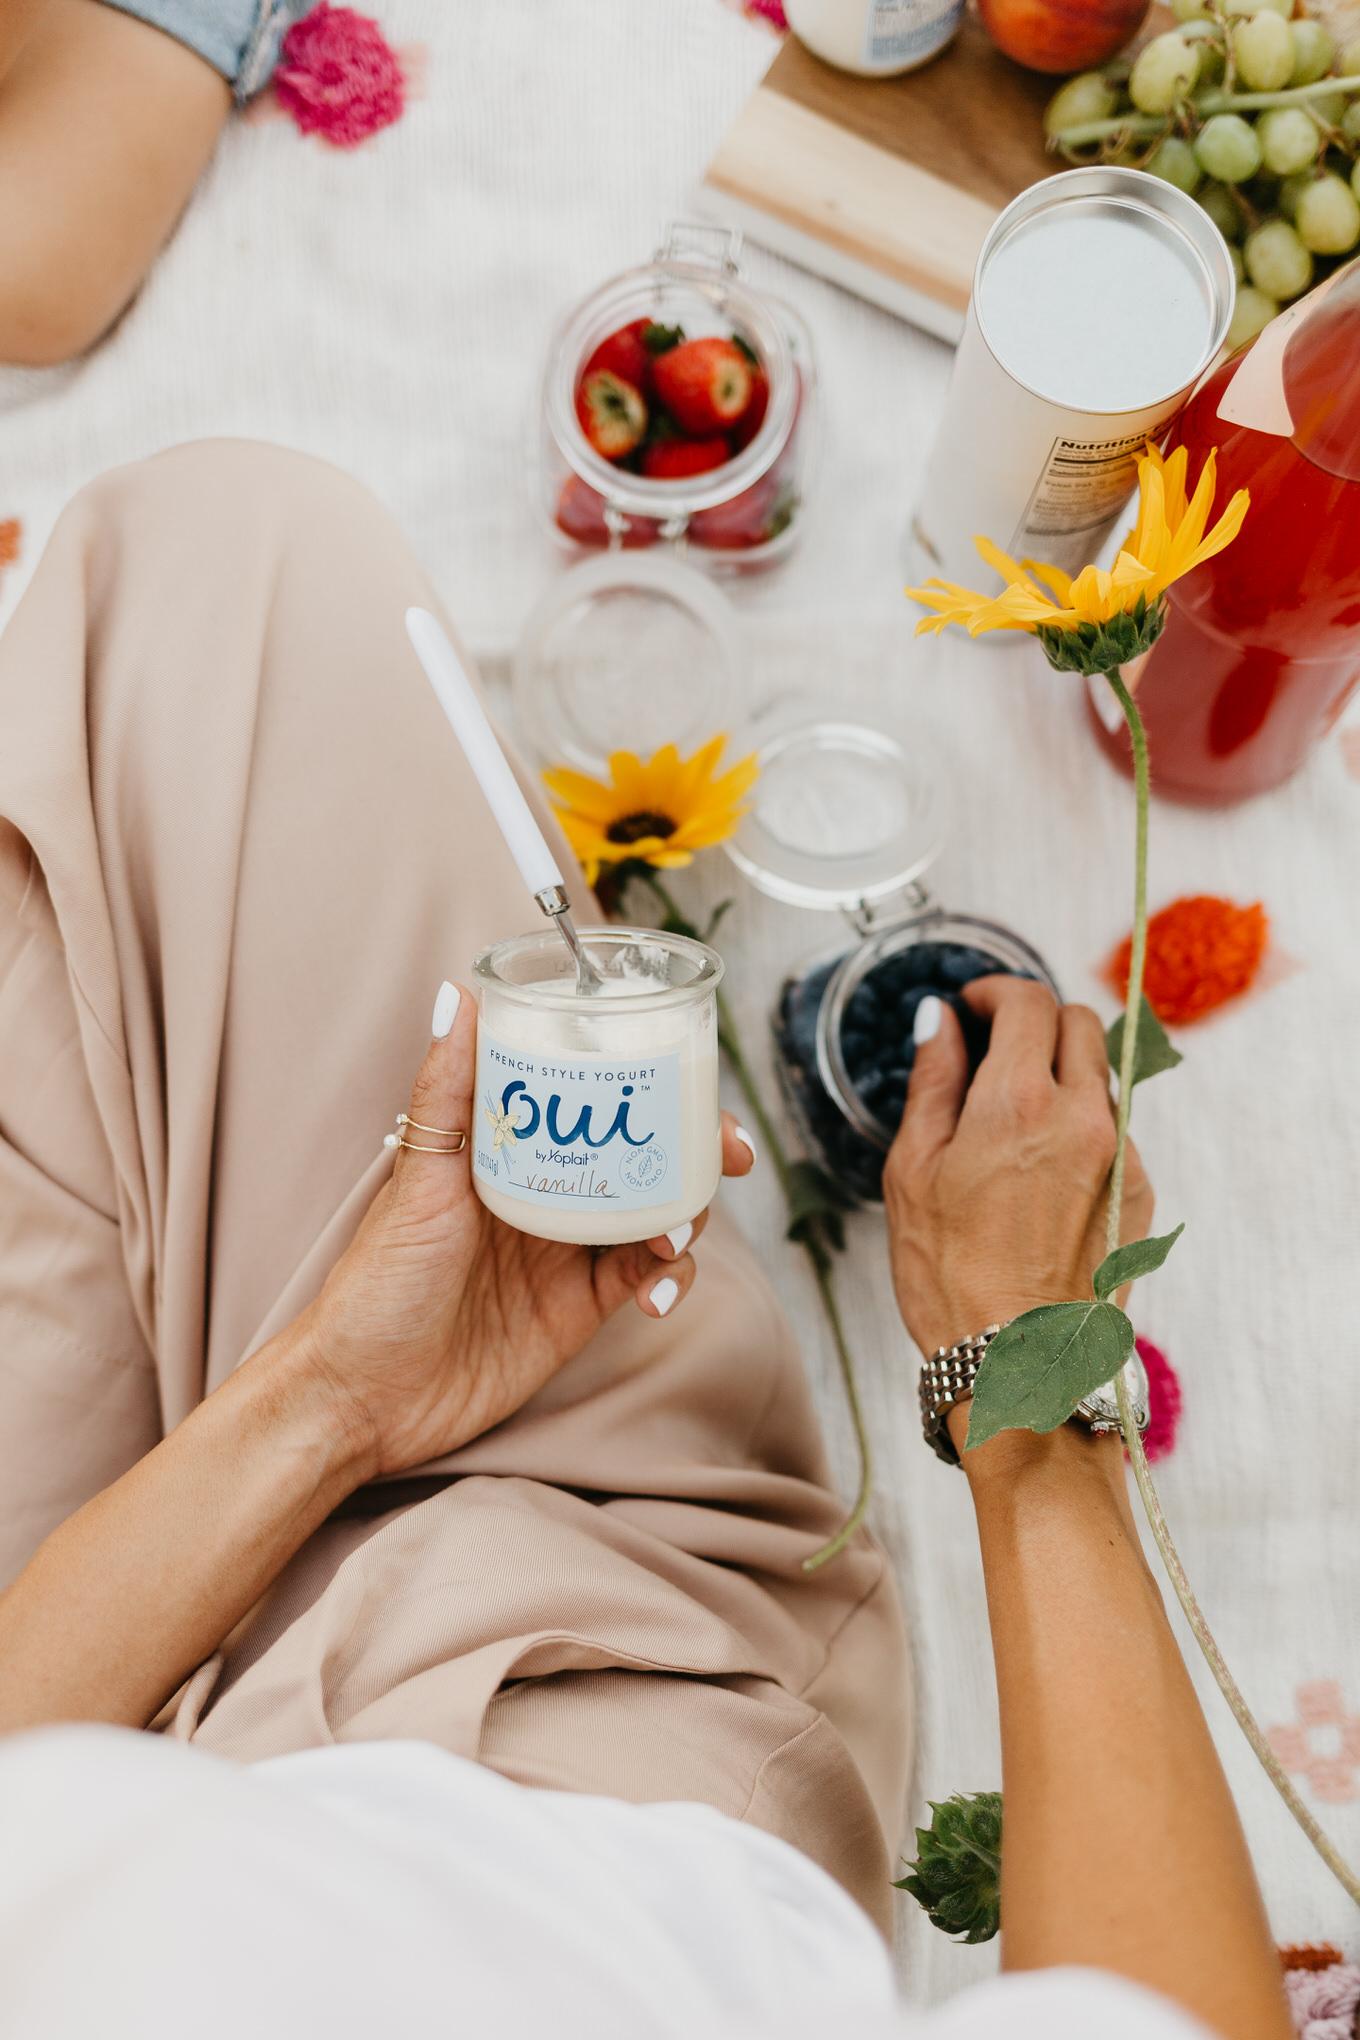 Oui Yogurt Hello Fashion Blog